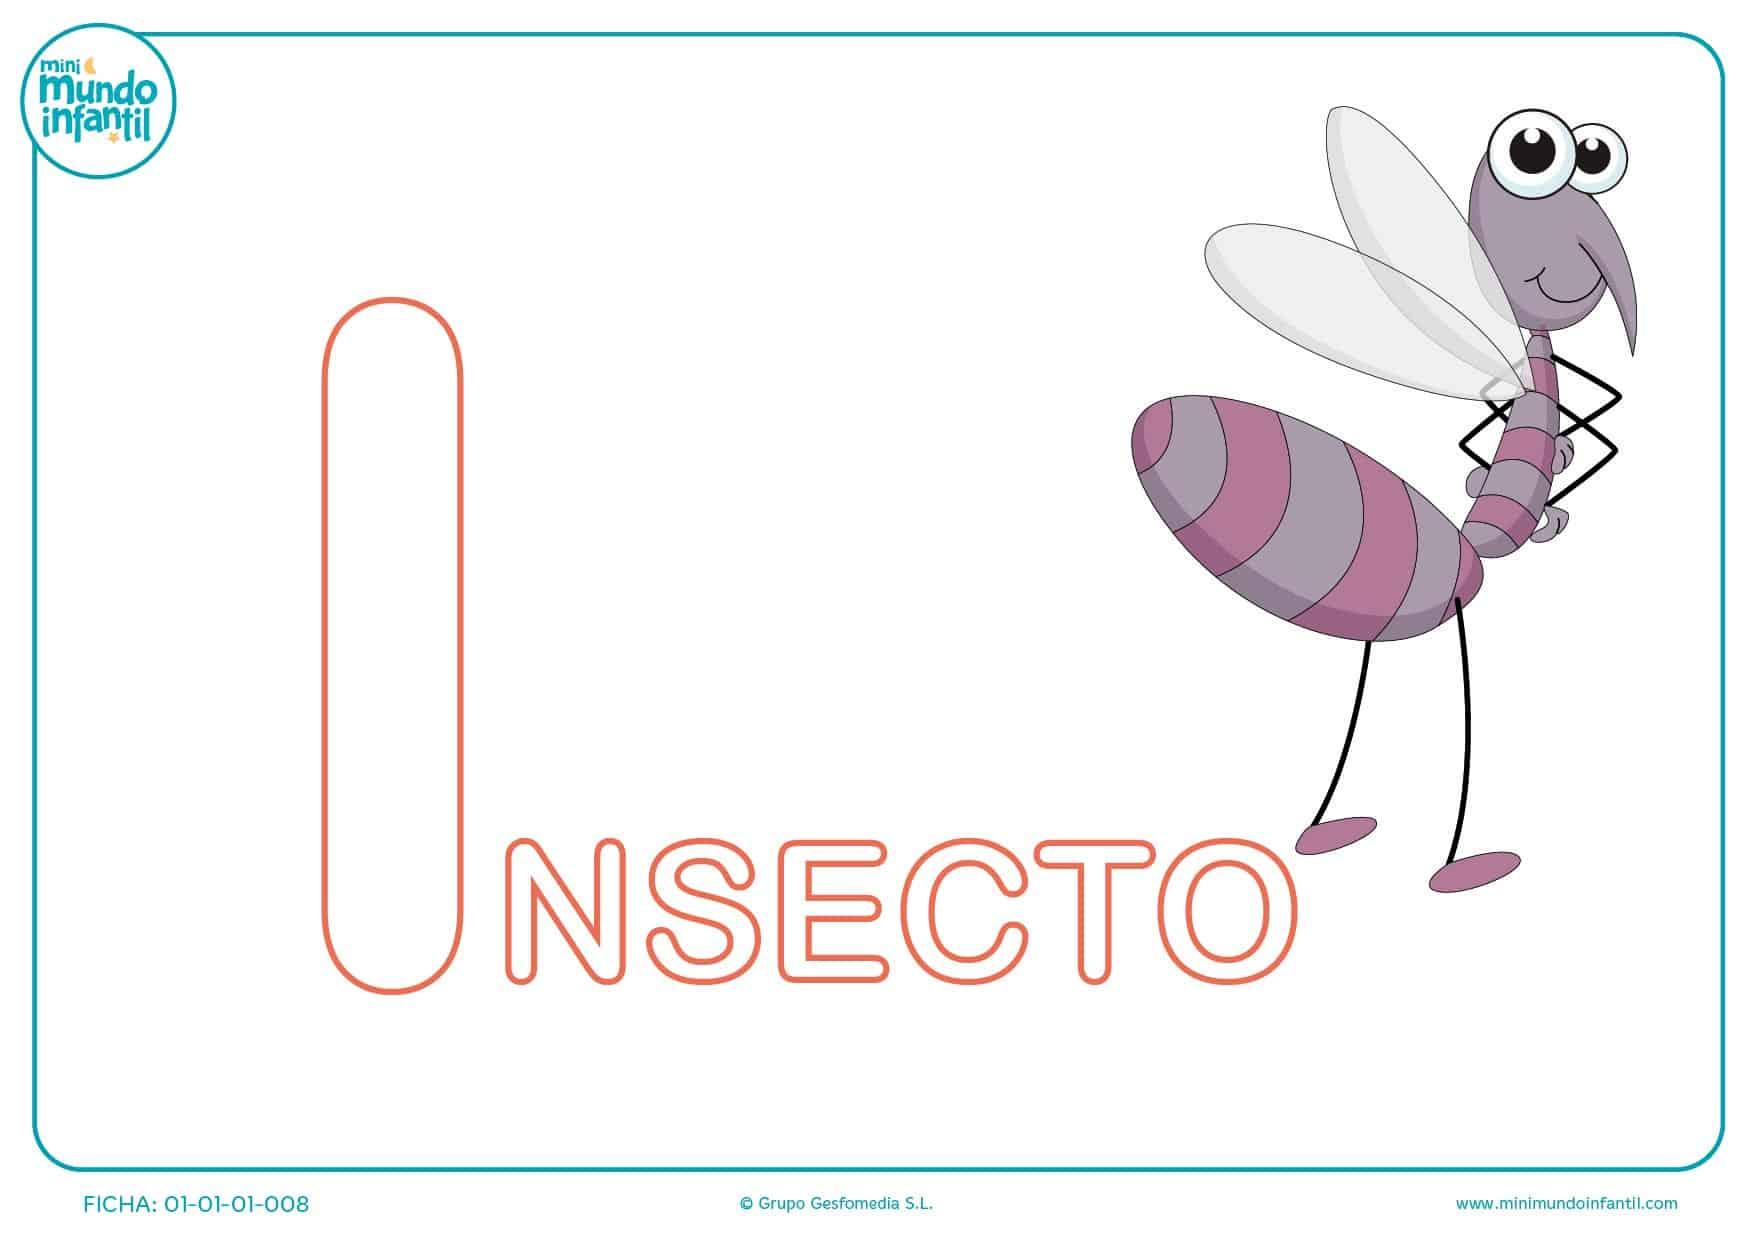 Pinta la letra I de insecto para completar la palabra para infantil